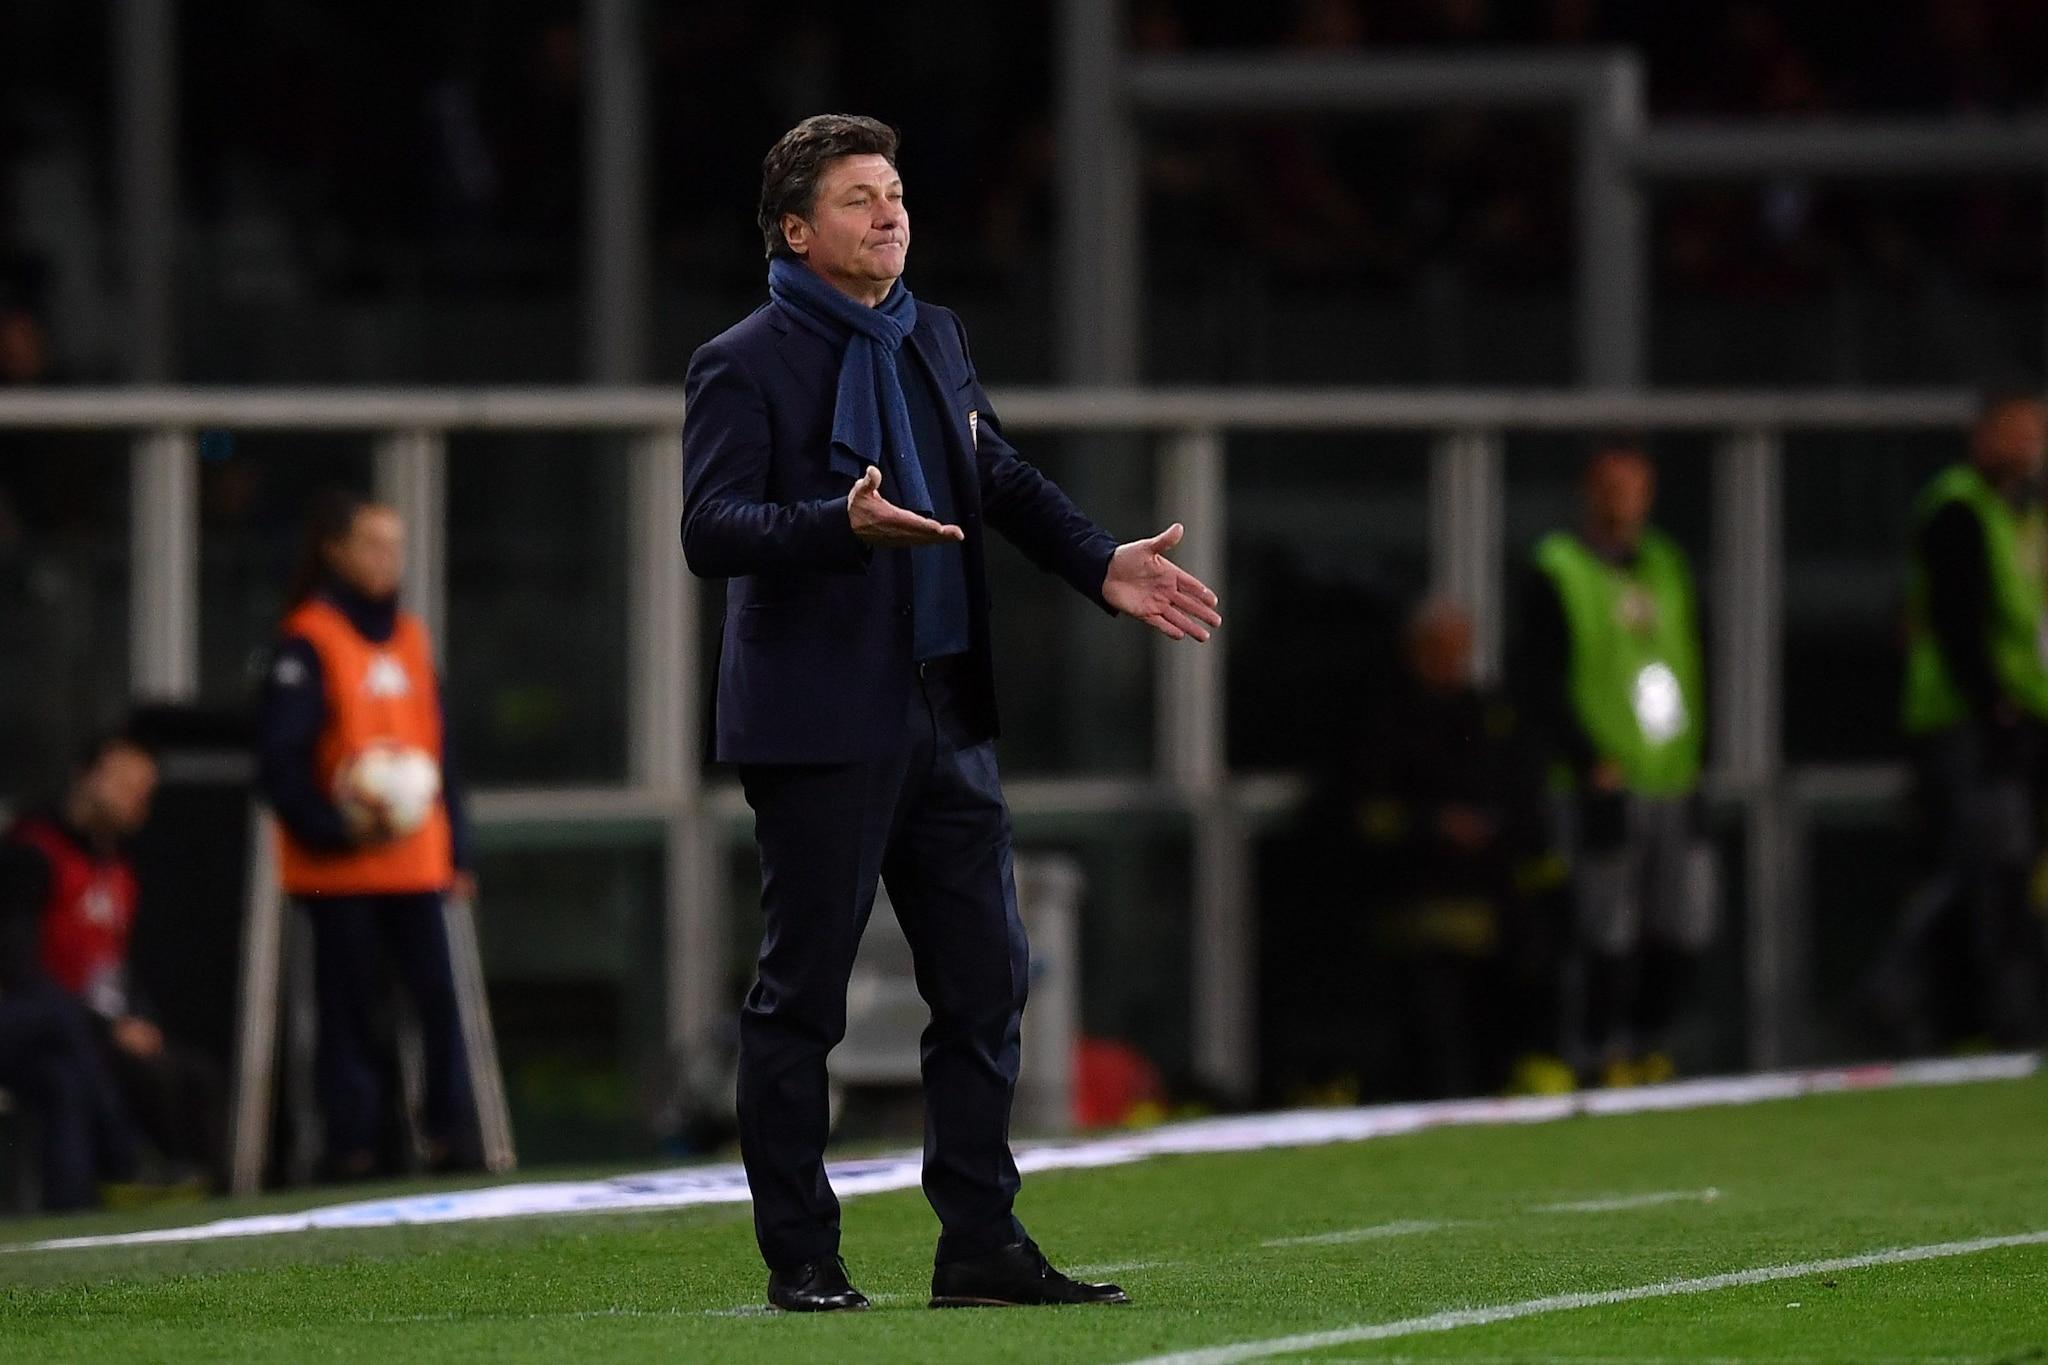 Se il Milan sarà escluso dalle coppe il Toro di Mazzarri disputerà i preliminari di Europa League.